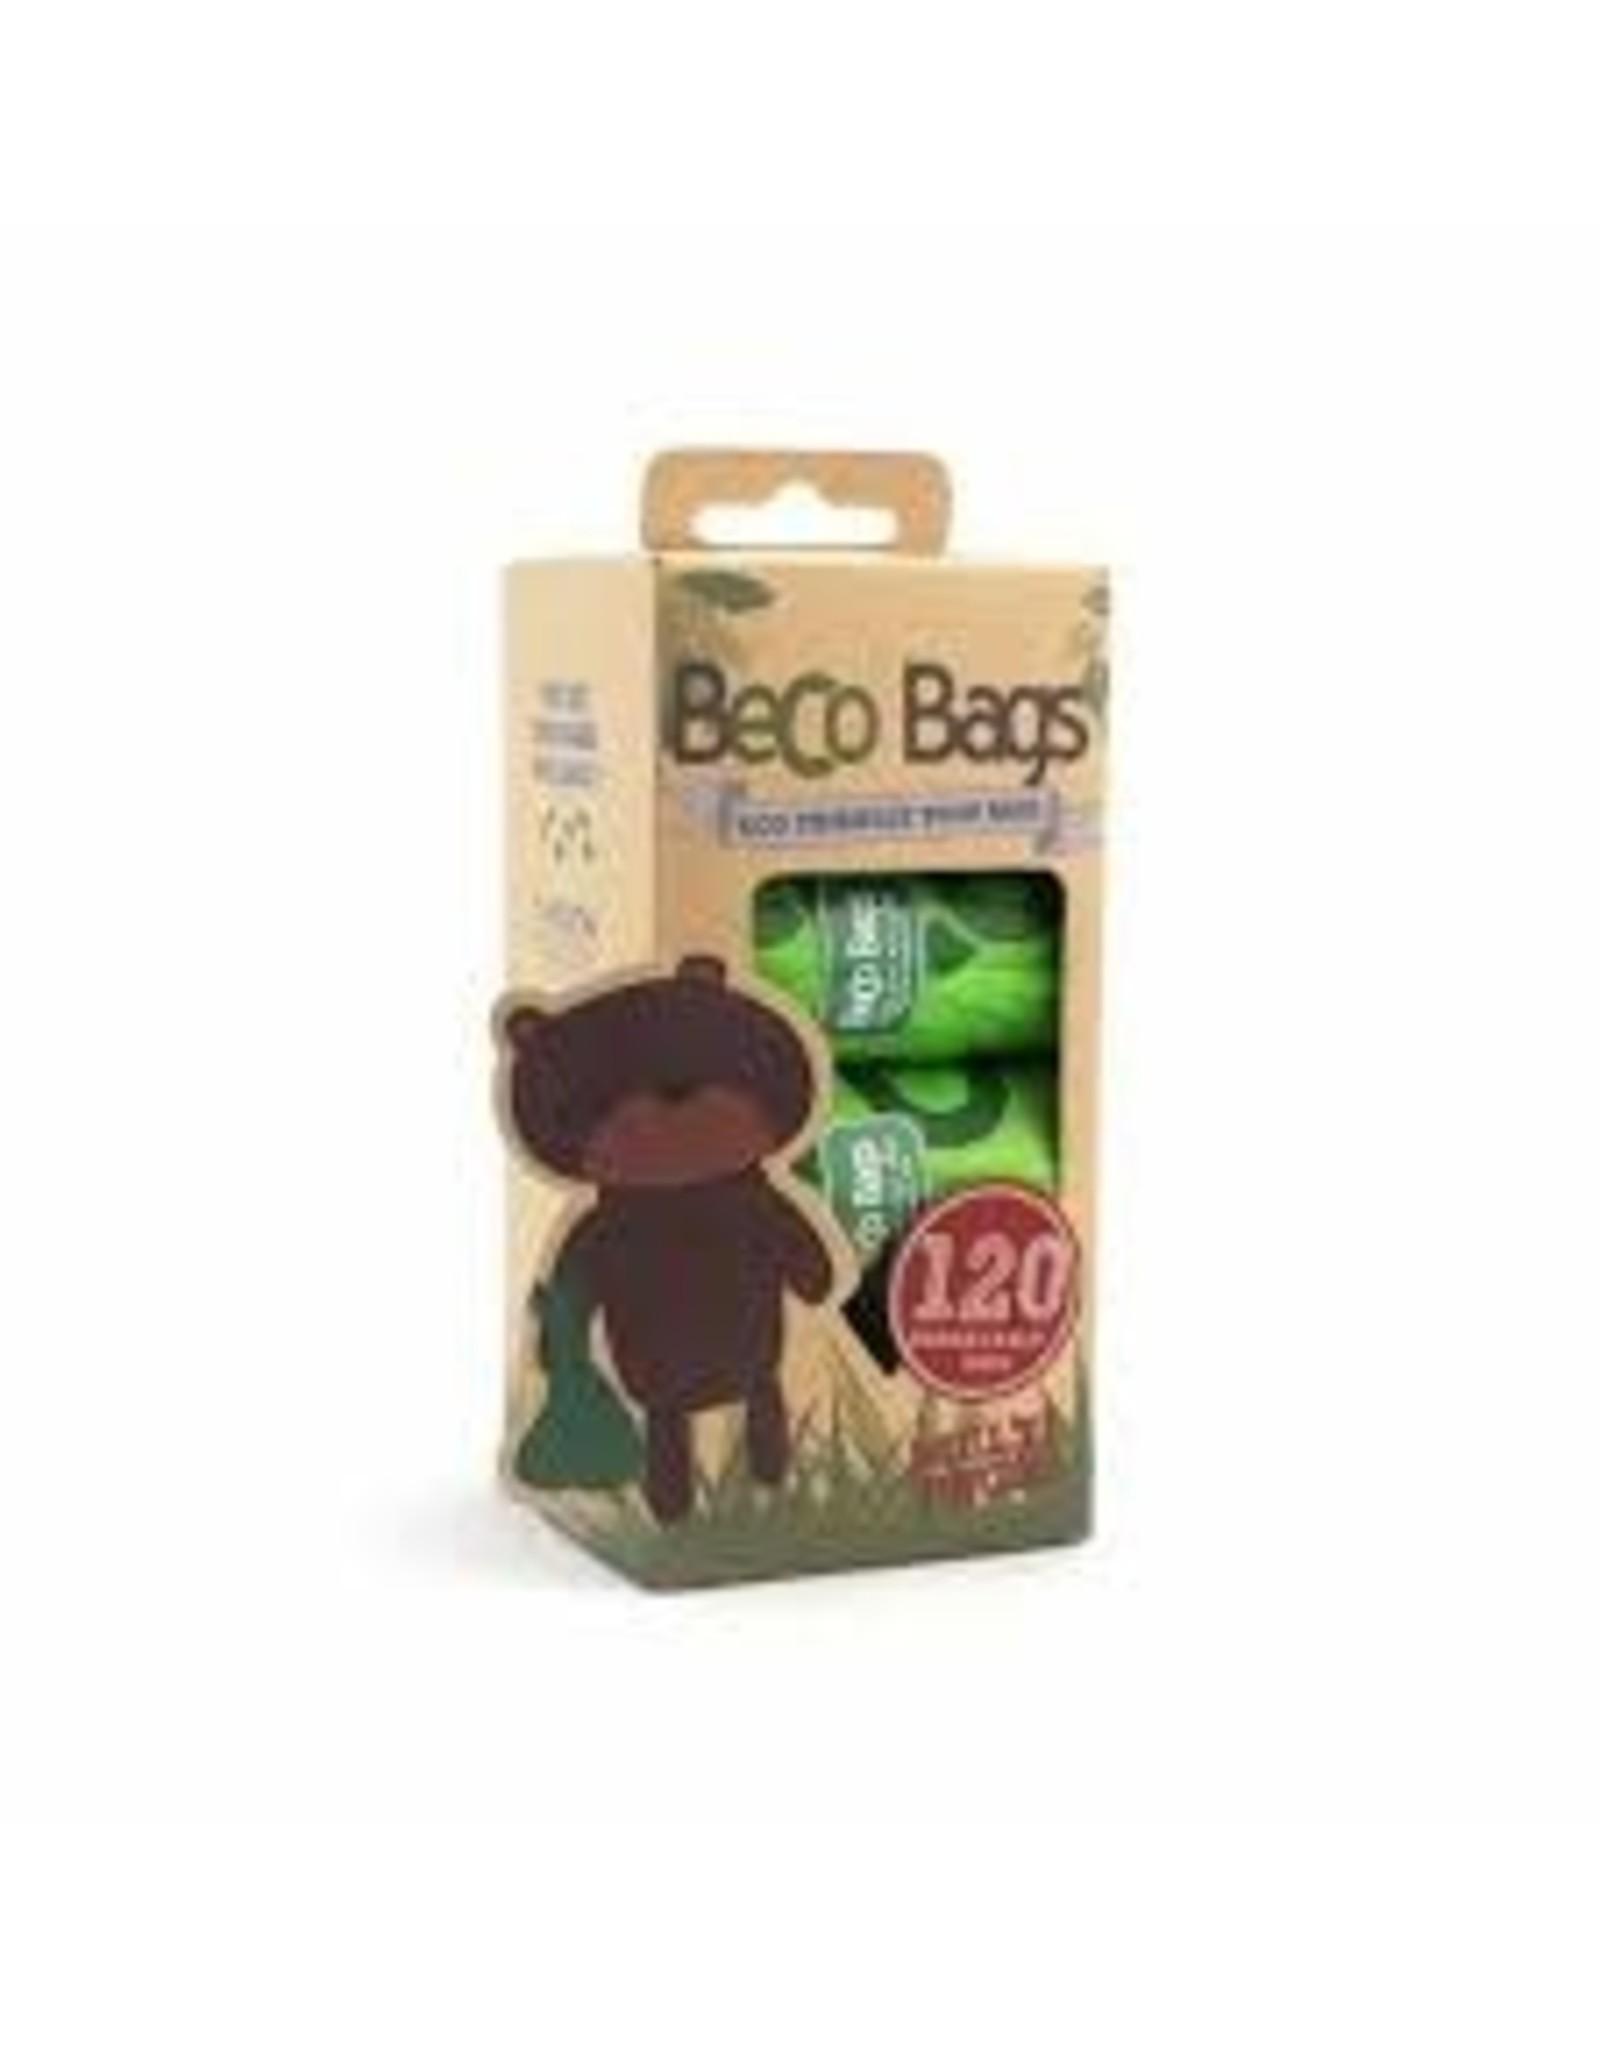 Beco Bags Multi Pk (120 bags)